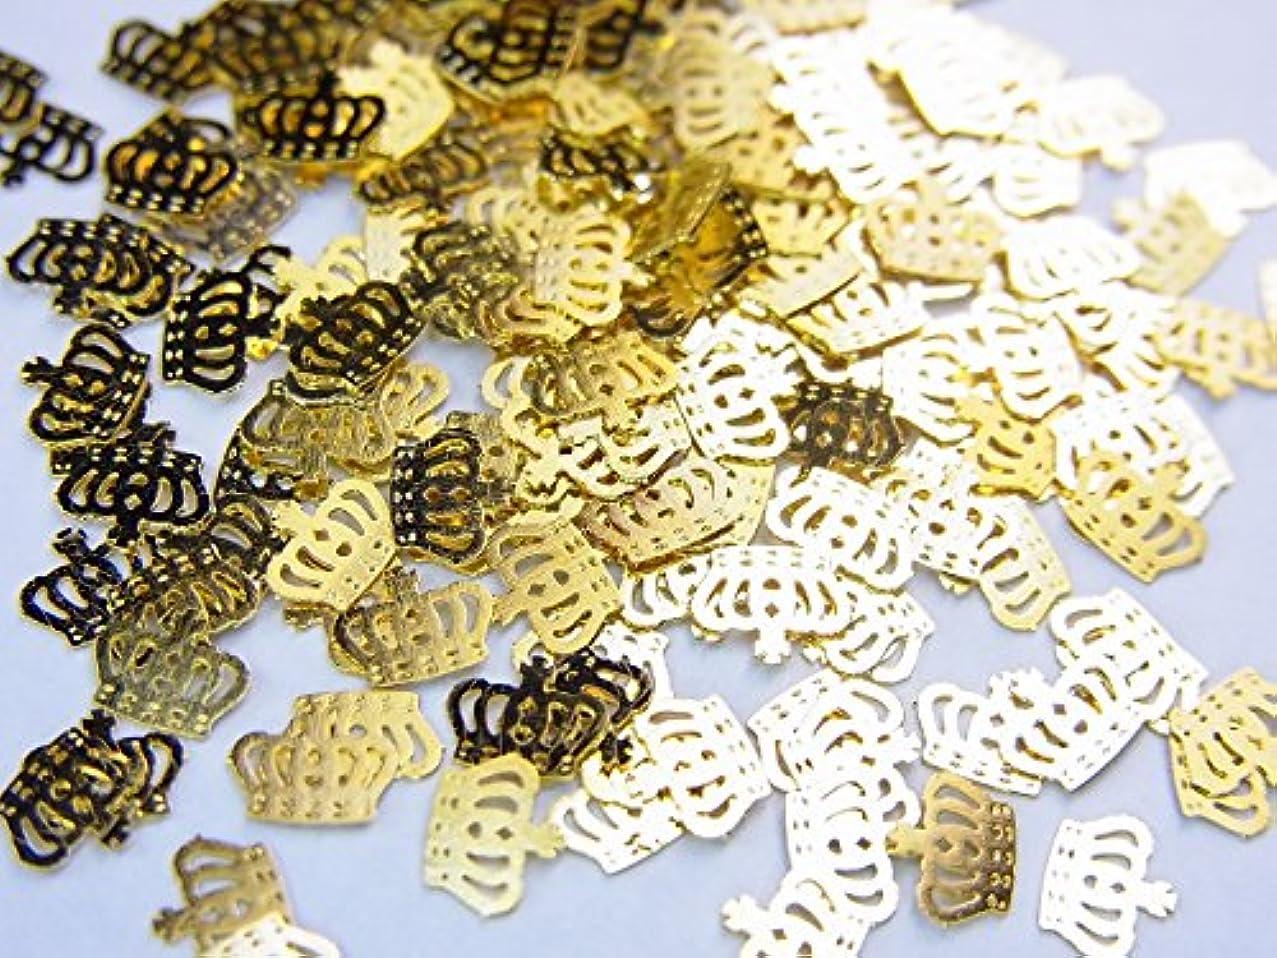 探検浴サワー【jewel】薄型ネイルパーツ ゴールド王冠クラウン10個